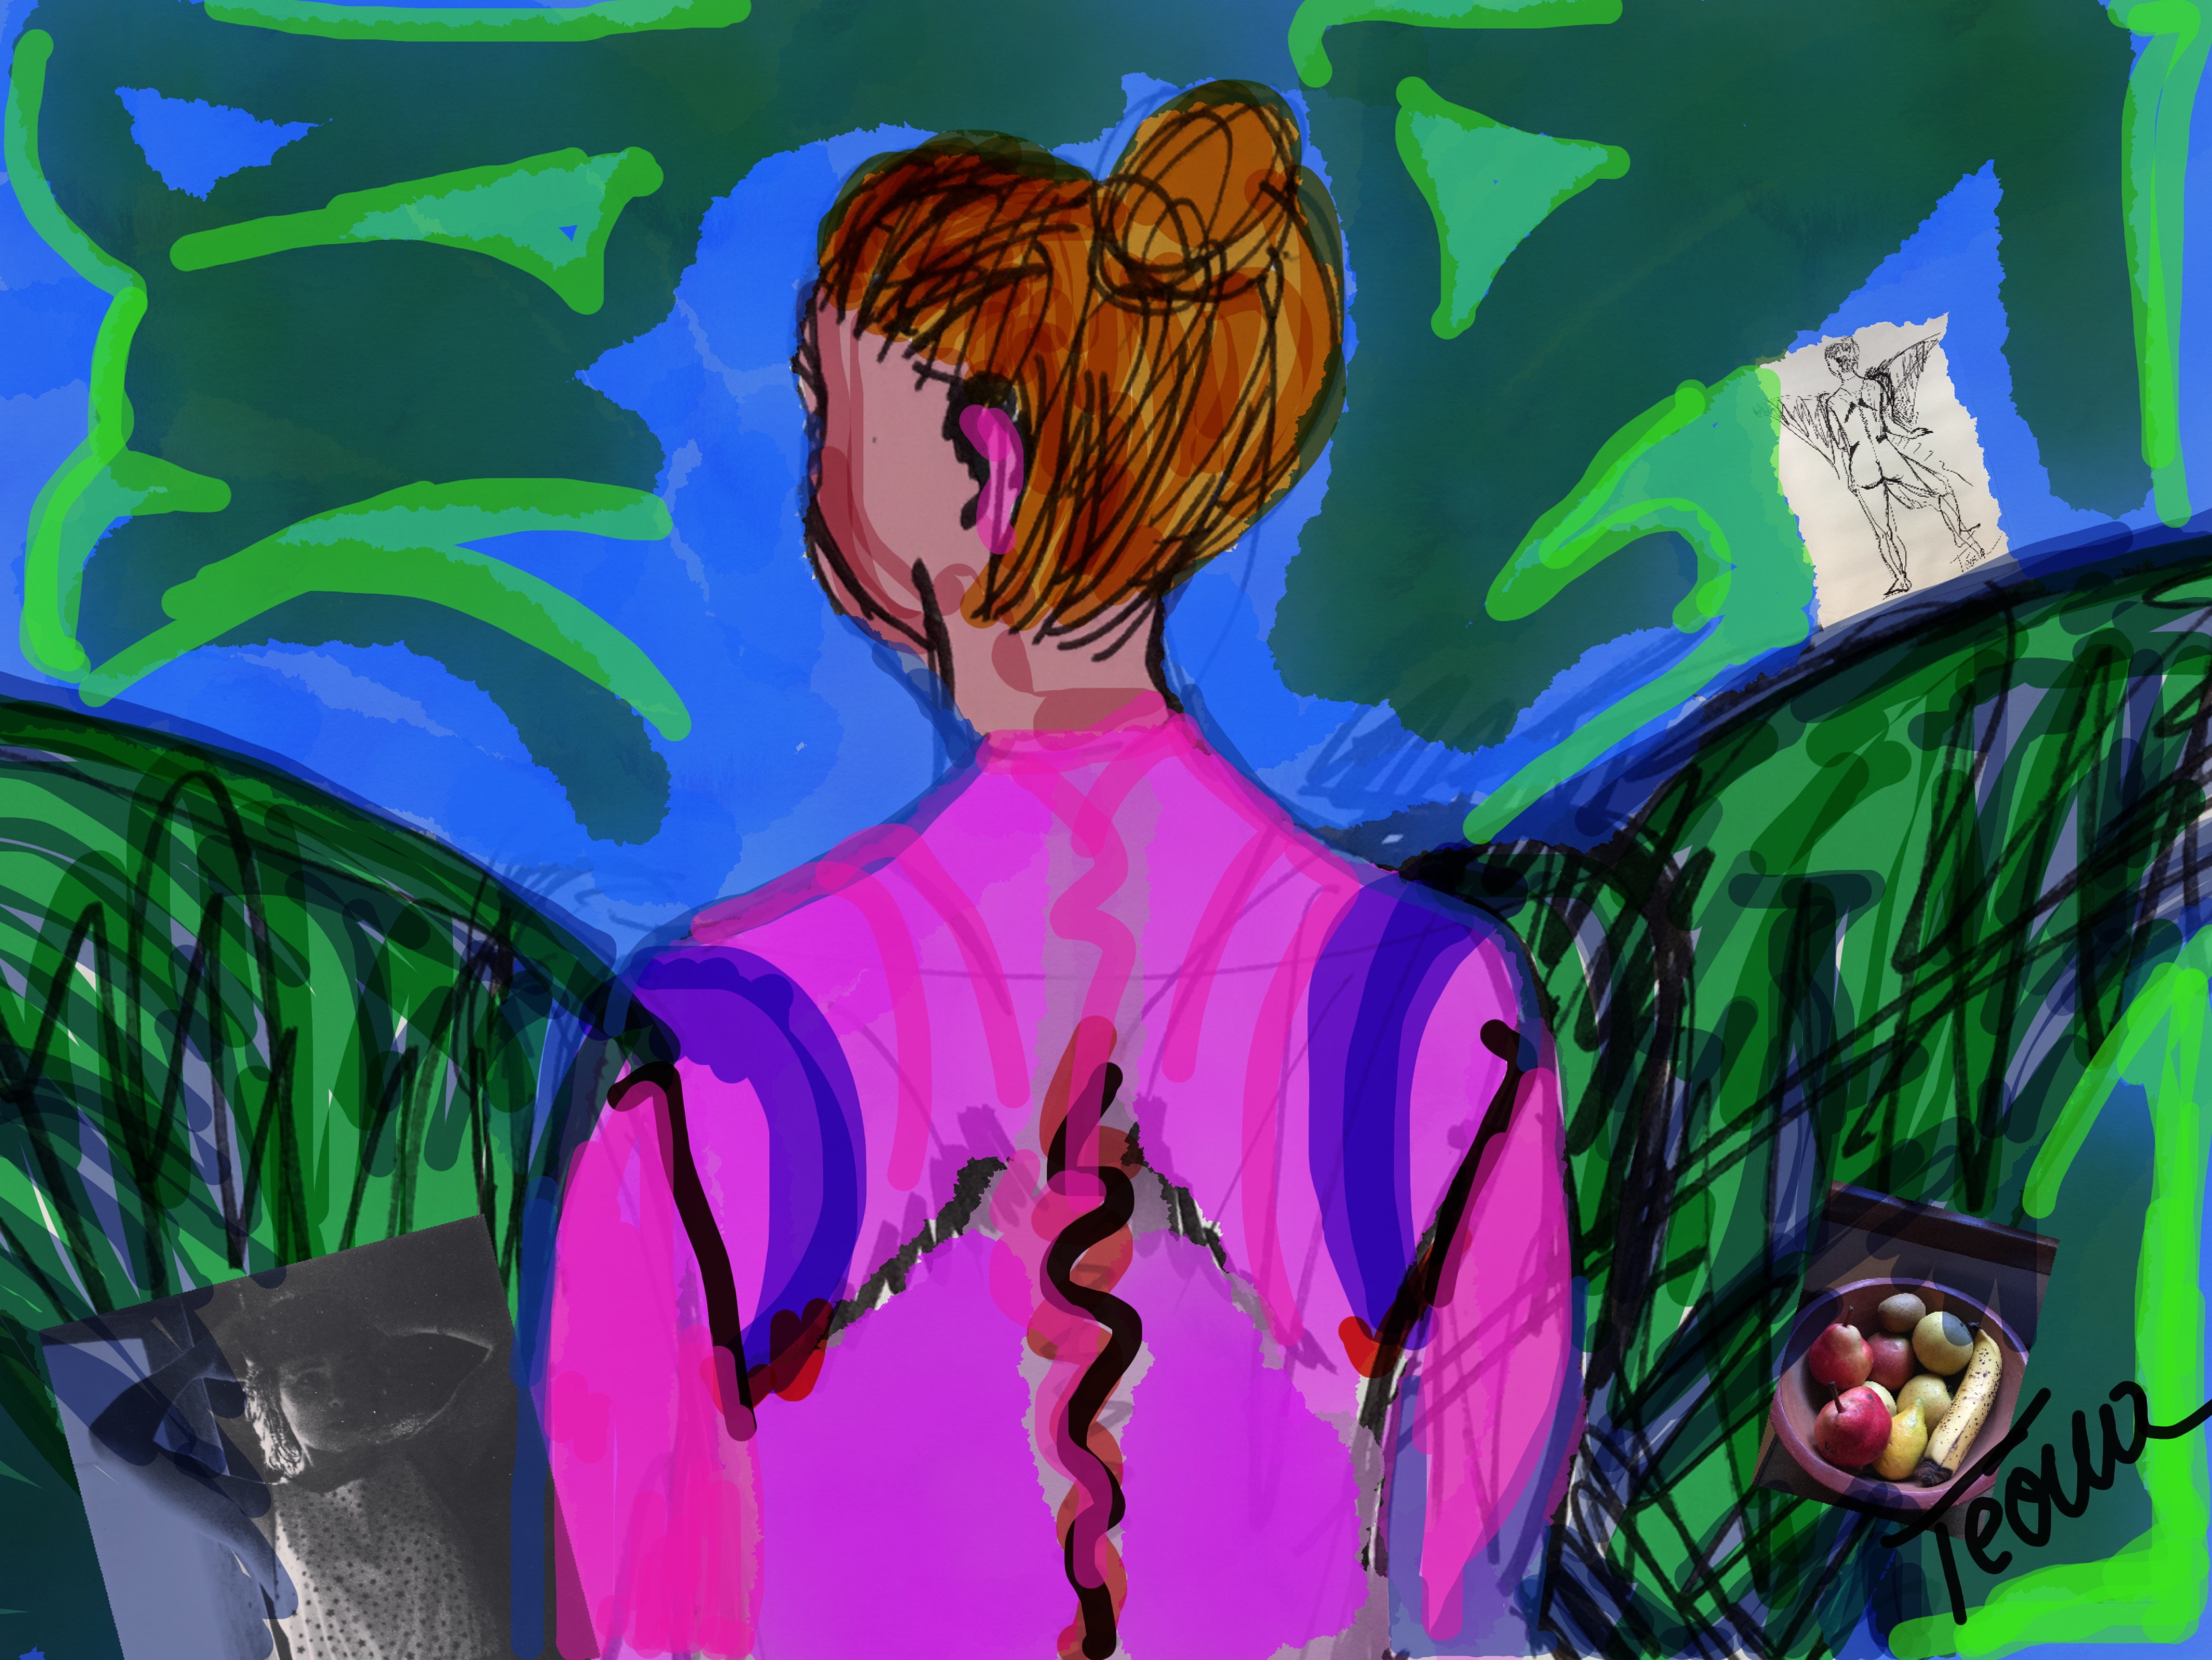 Téoua, l'artiste auteure/artista.